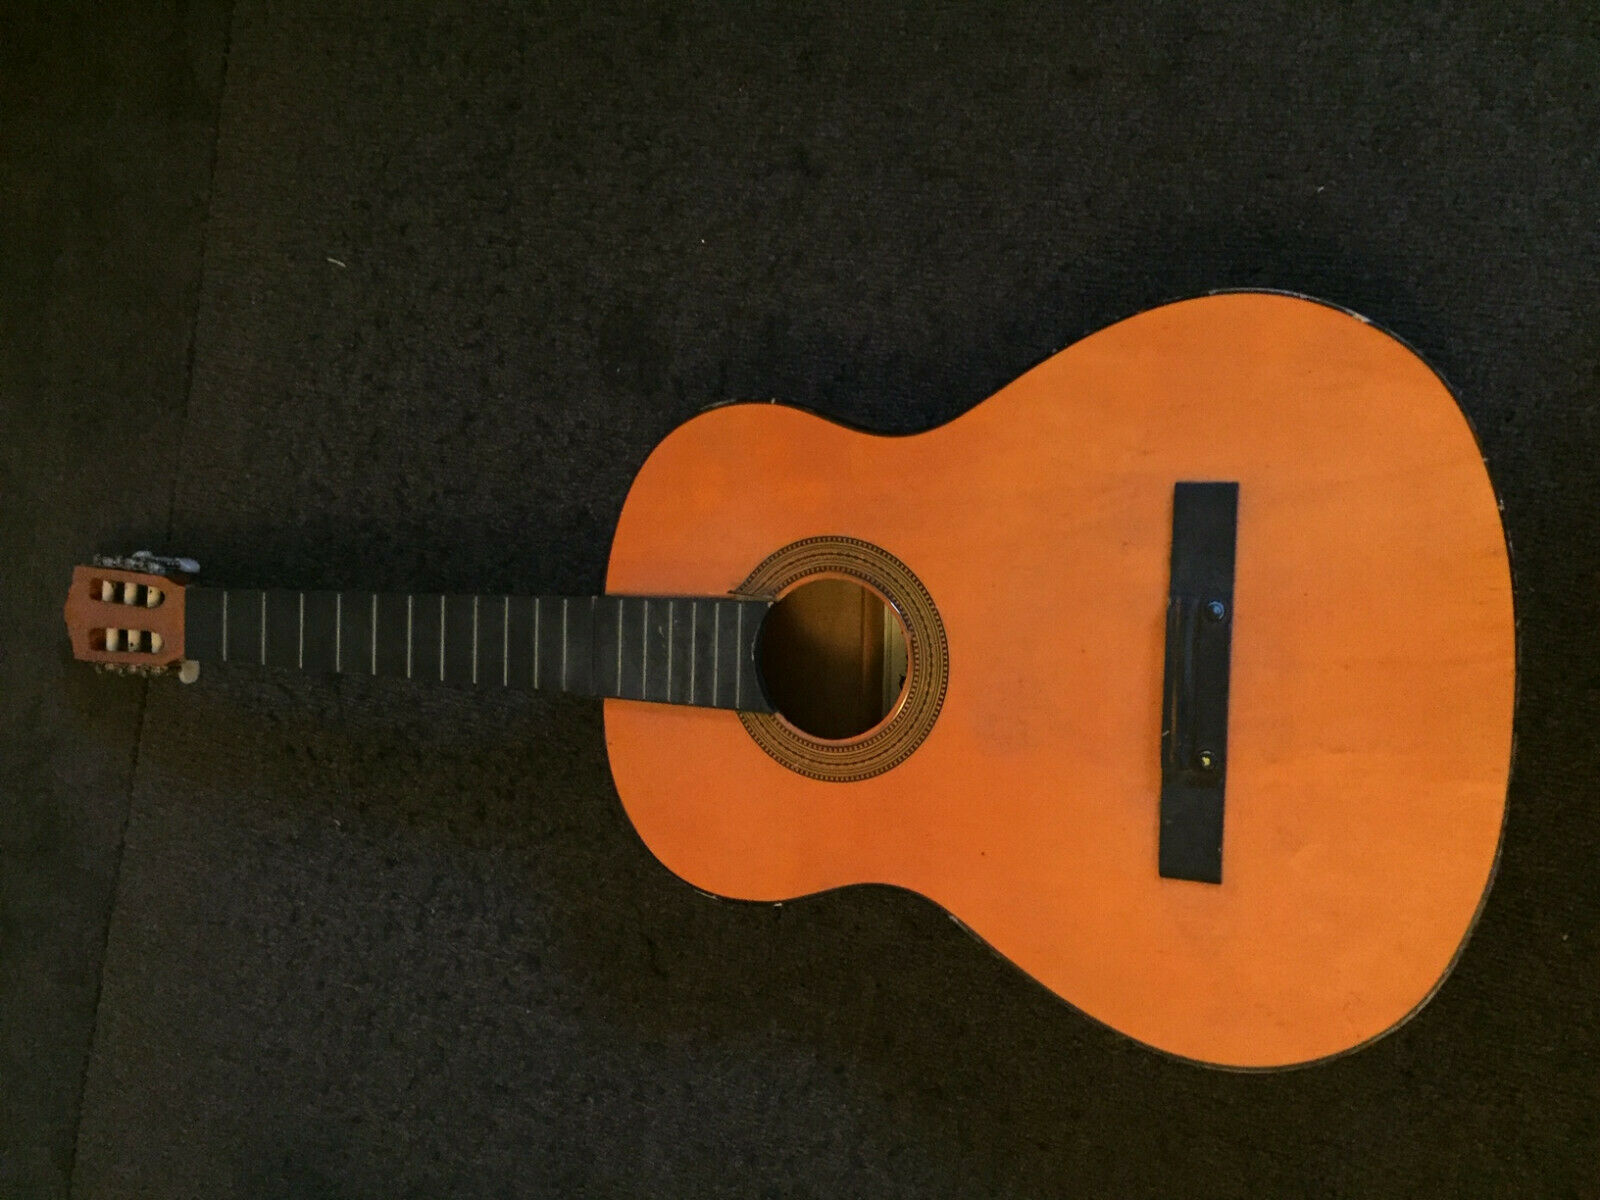 Gitarre Araniuez G-01 C Spanische Gitarre